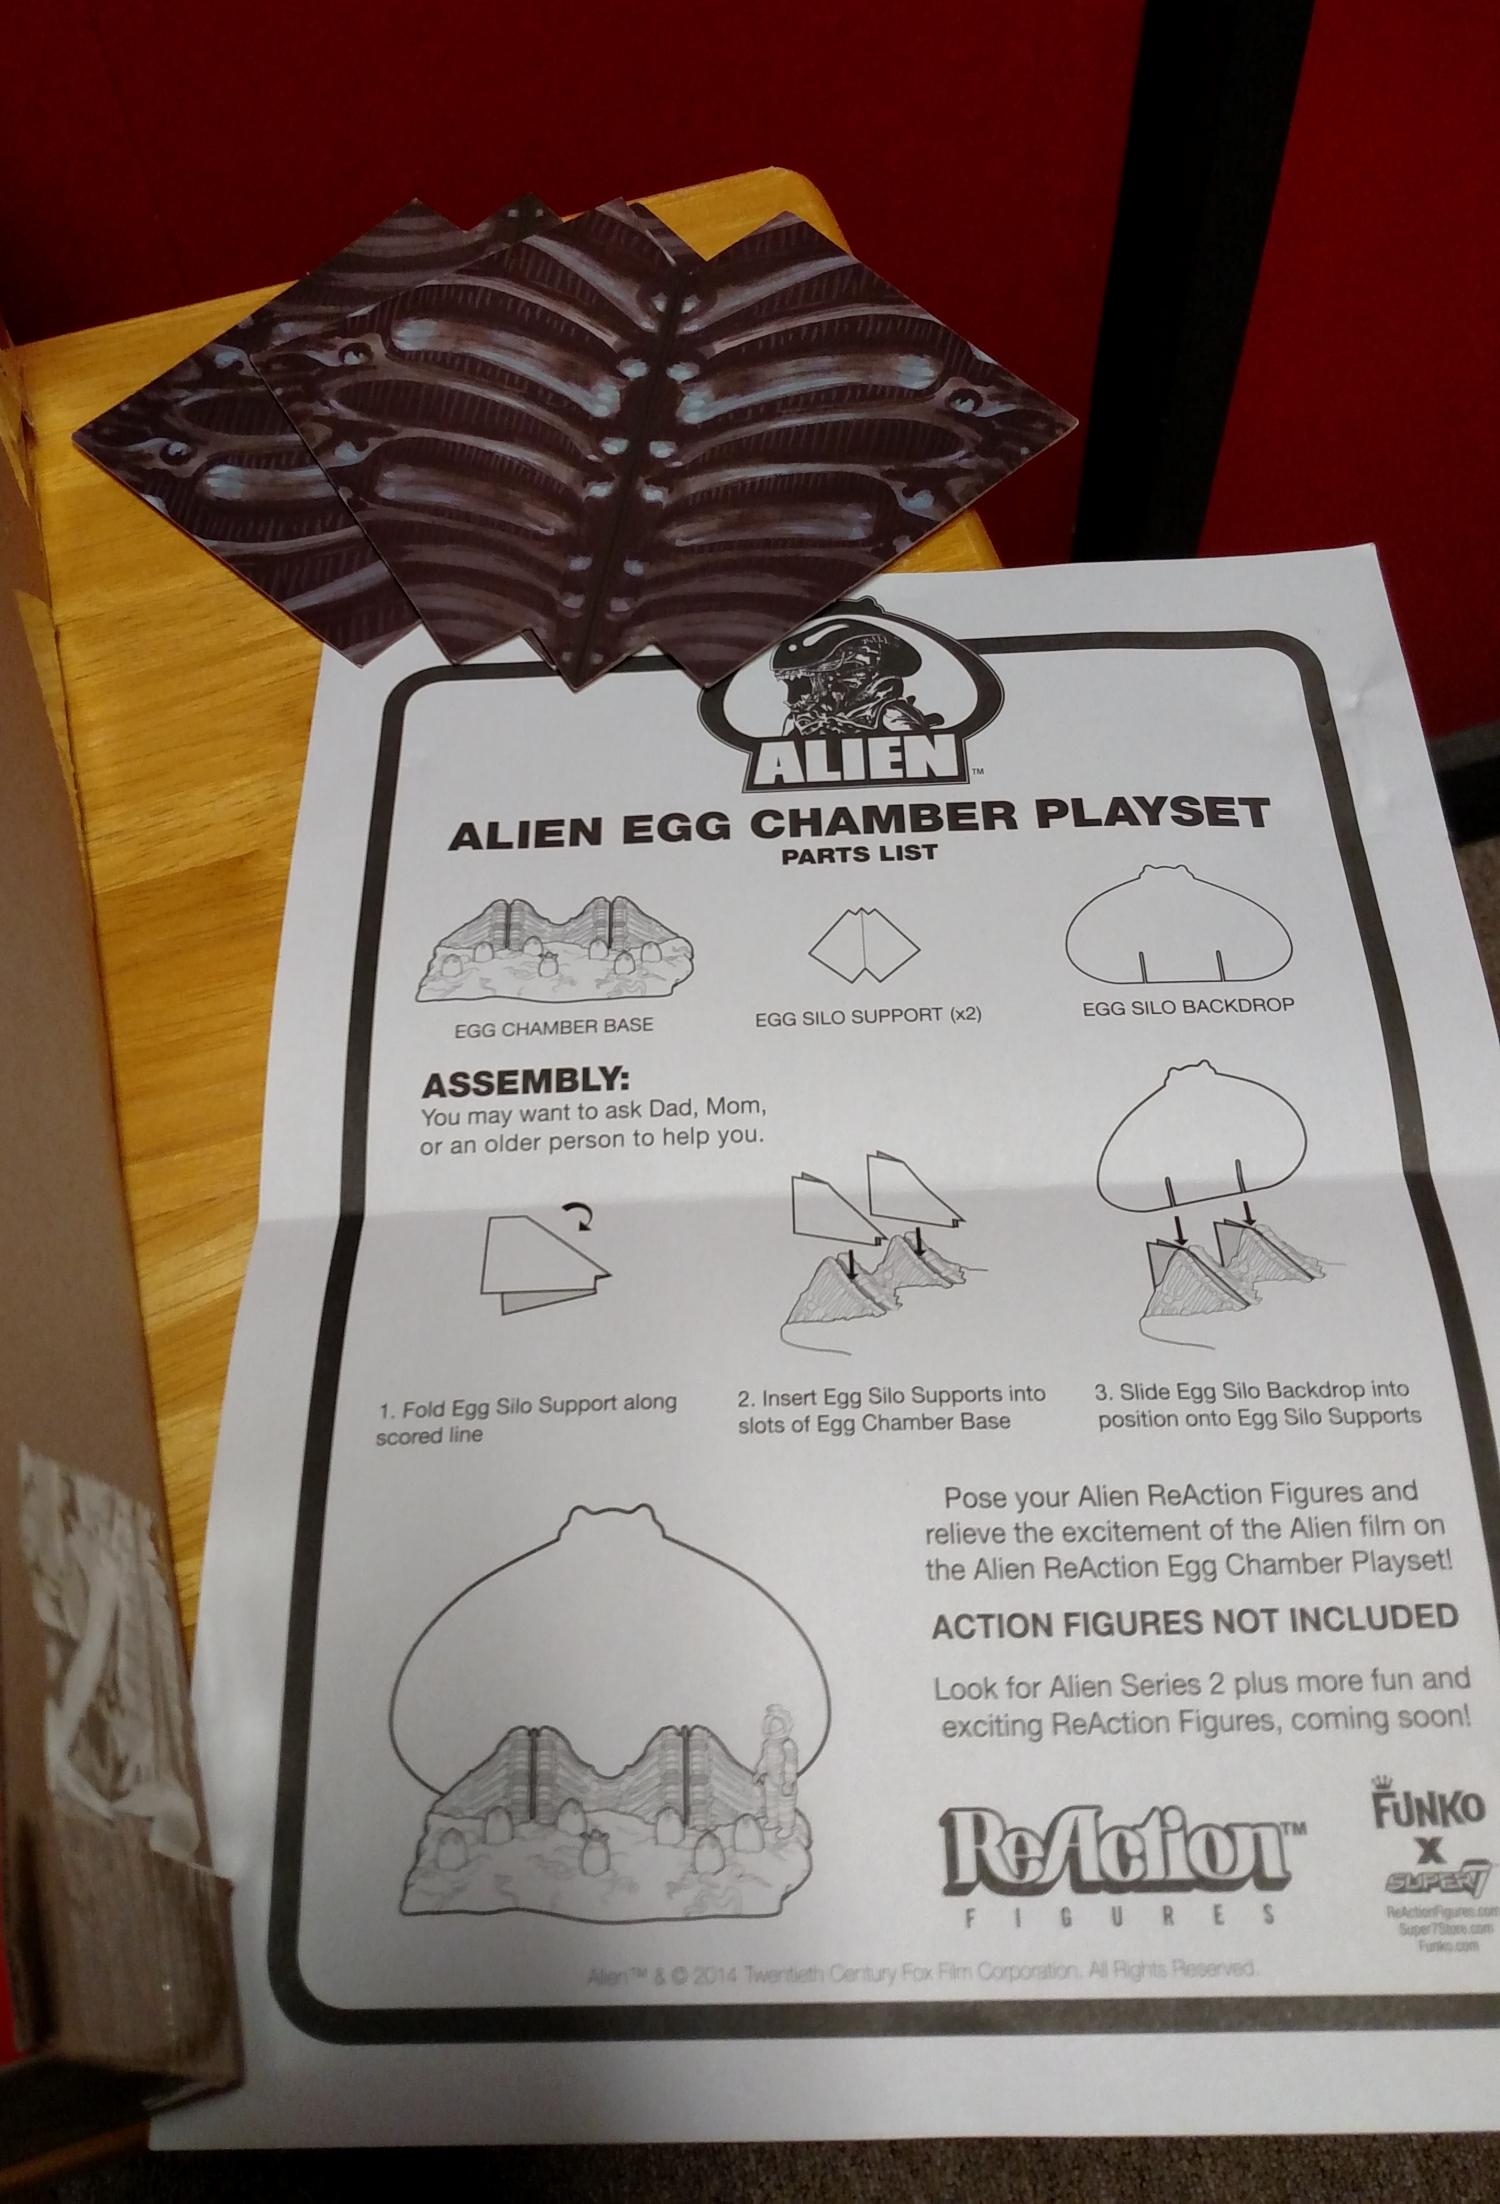 Alien Egg Chamber - Instructions